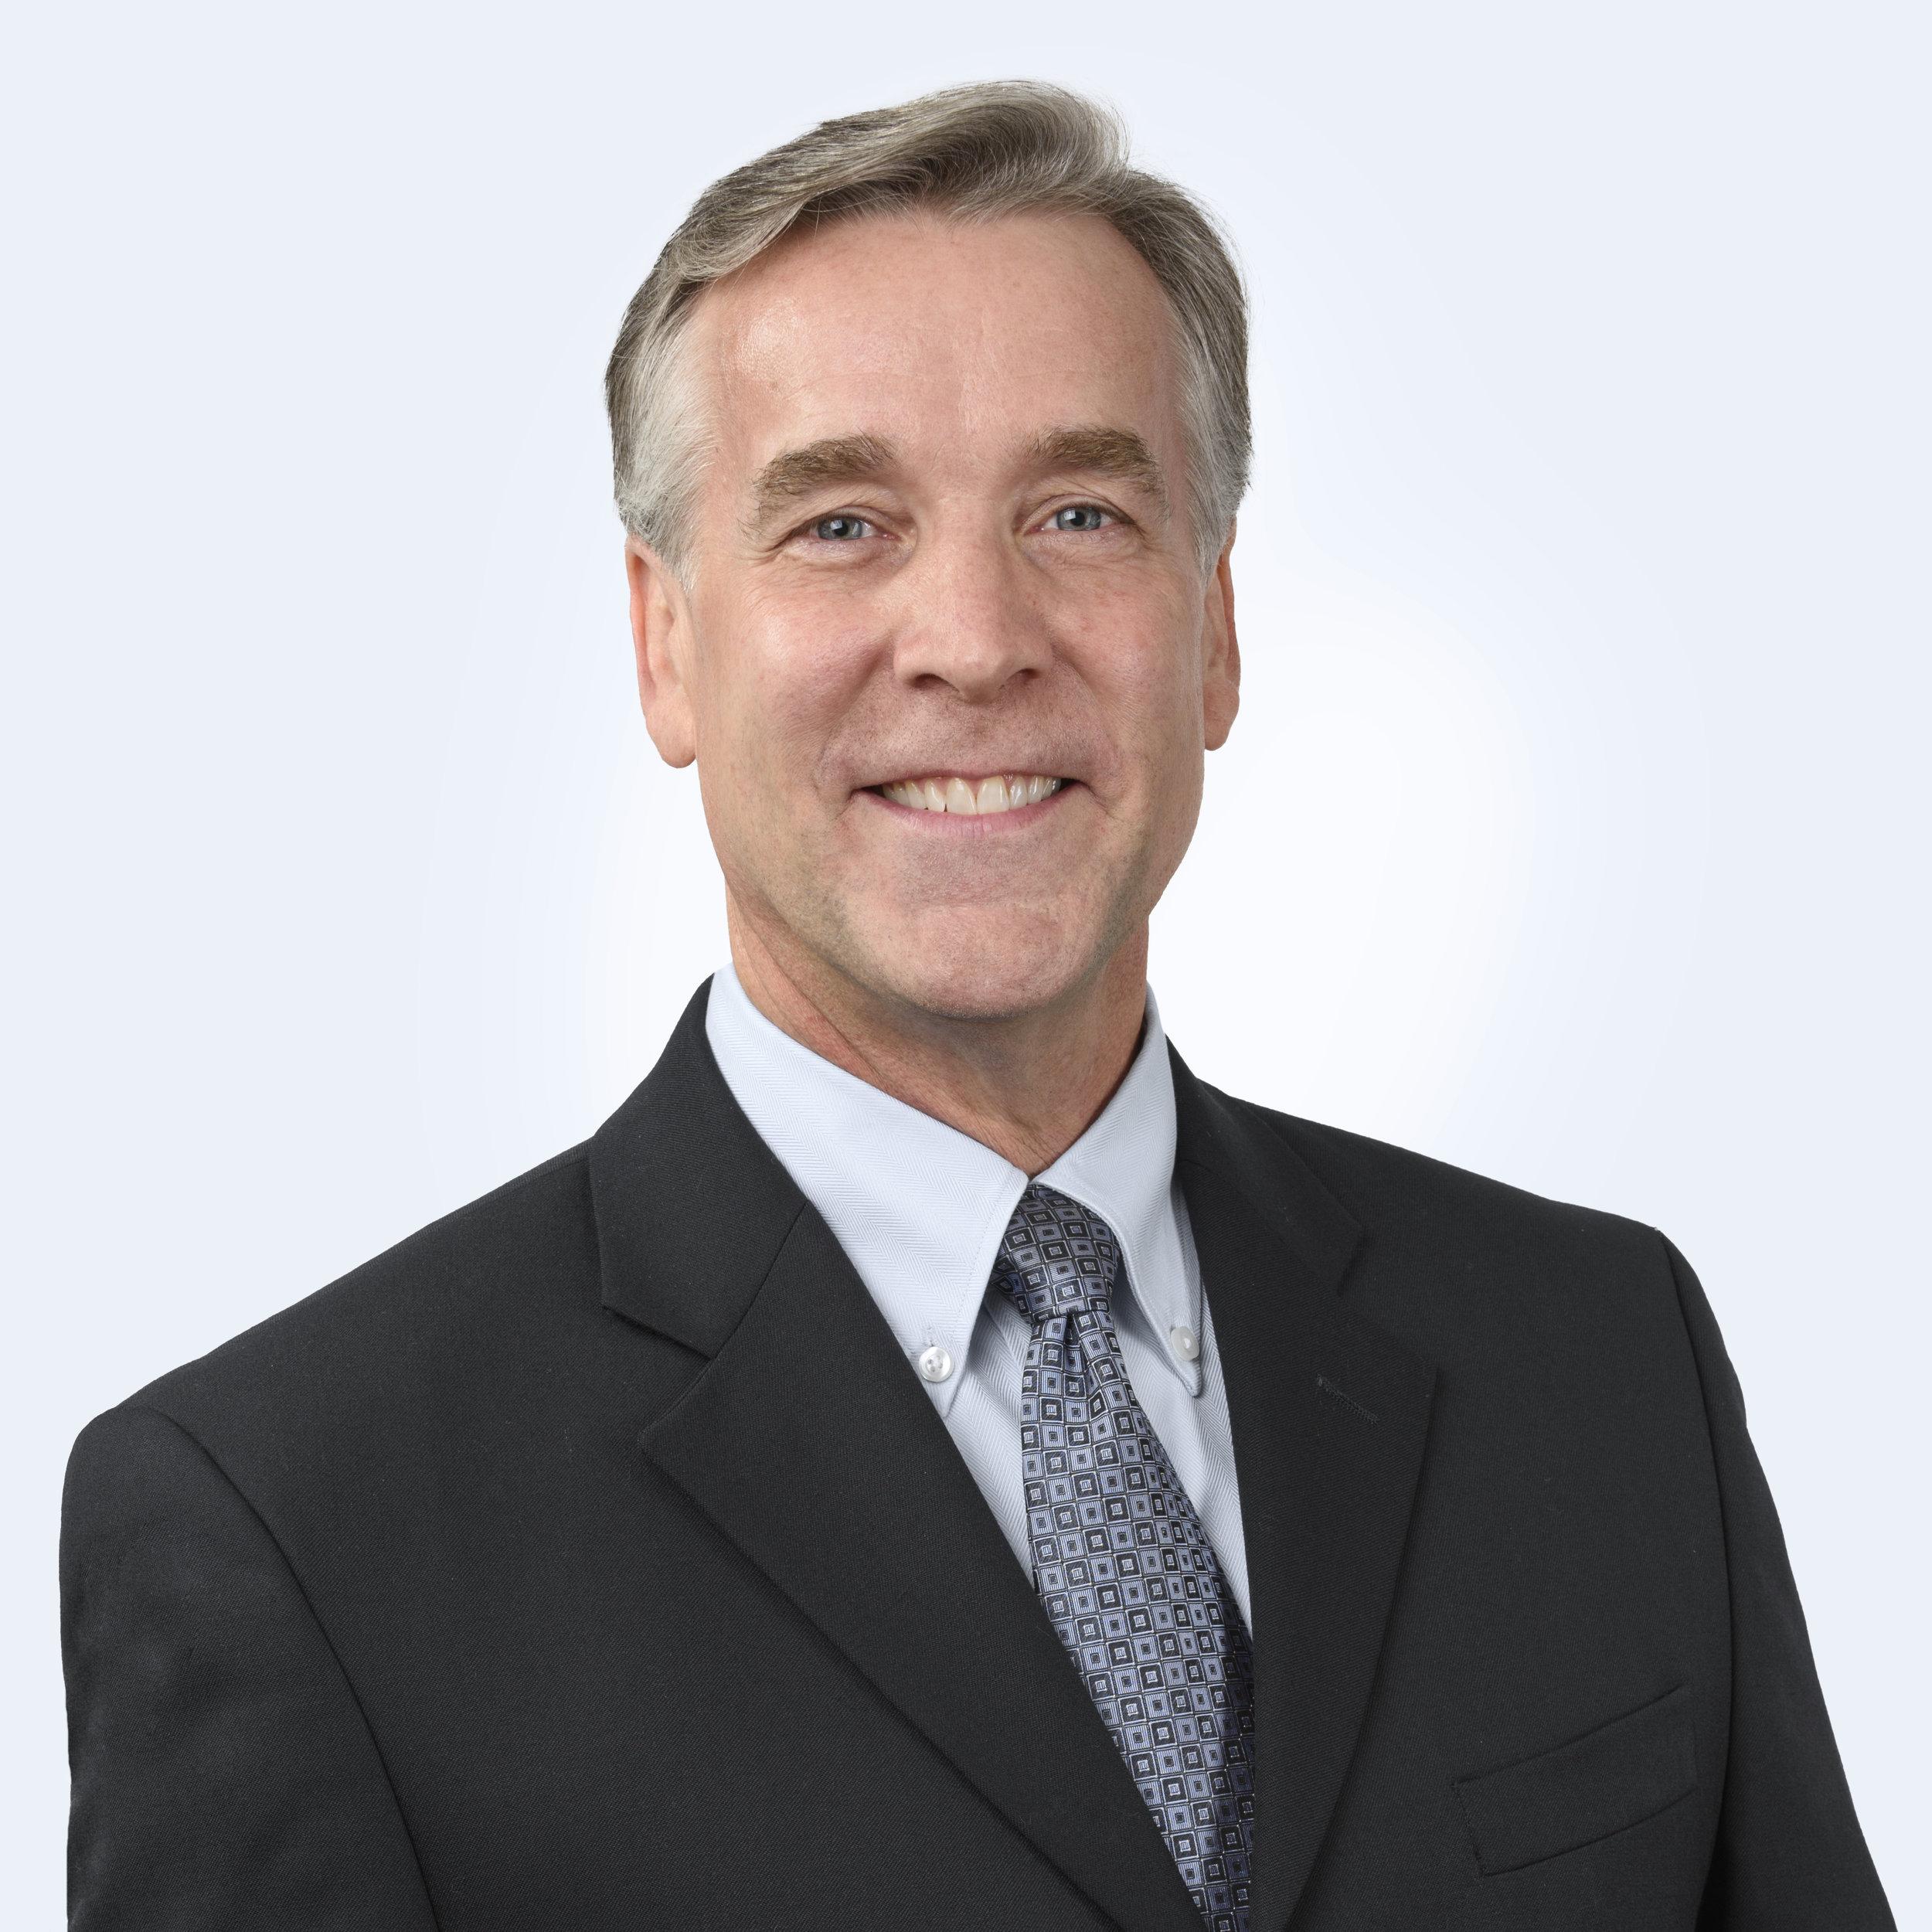 Matthew D. Burns